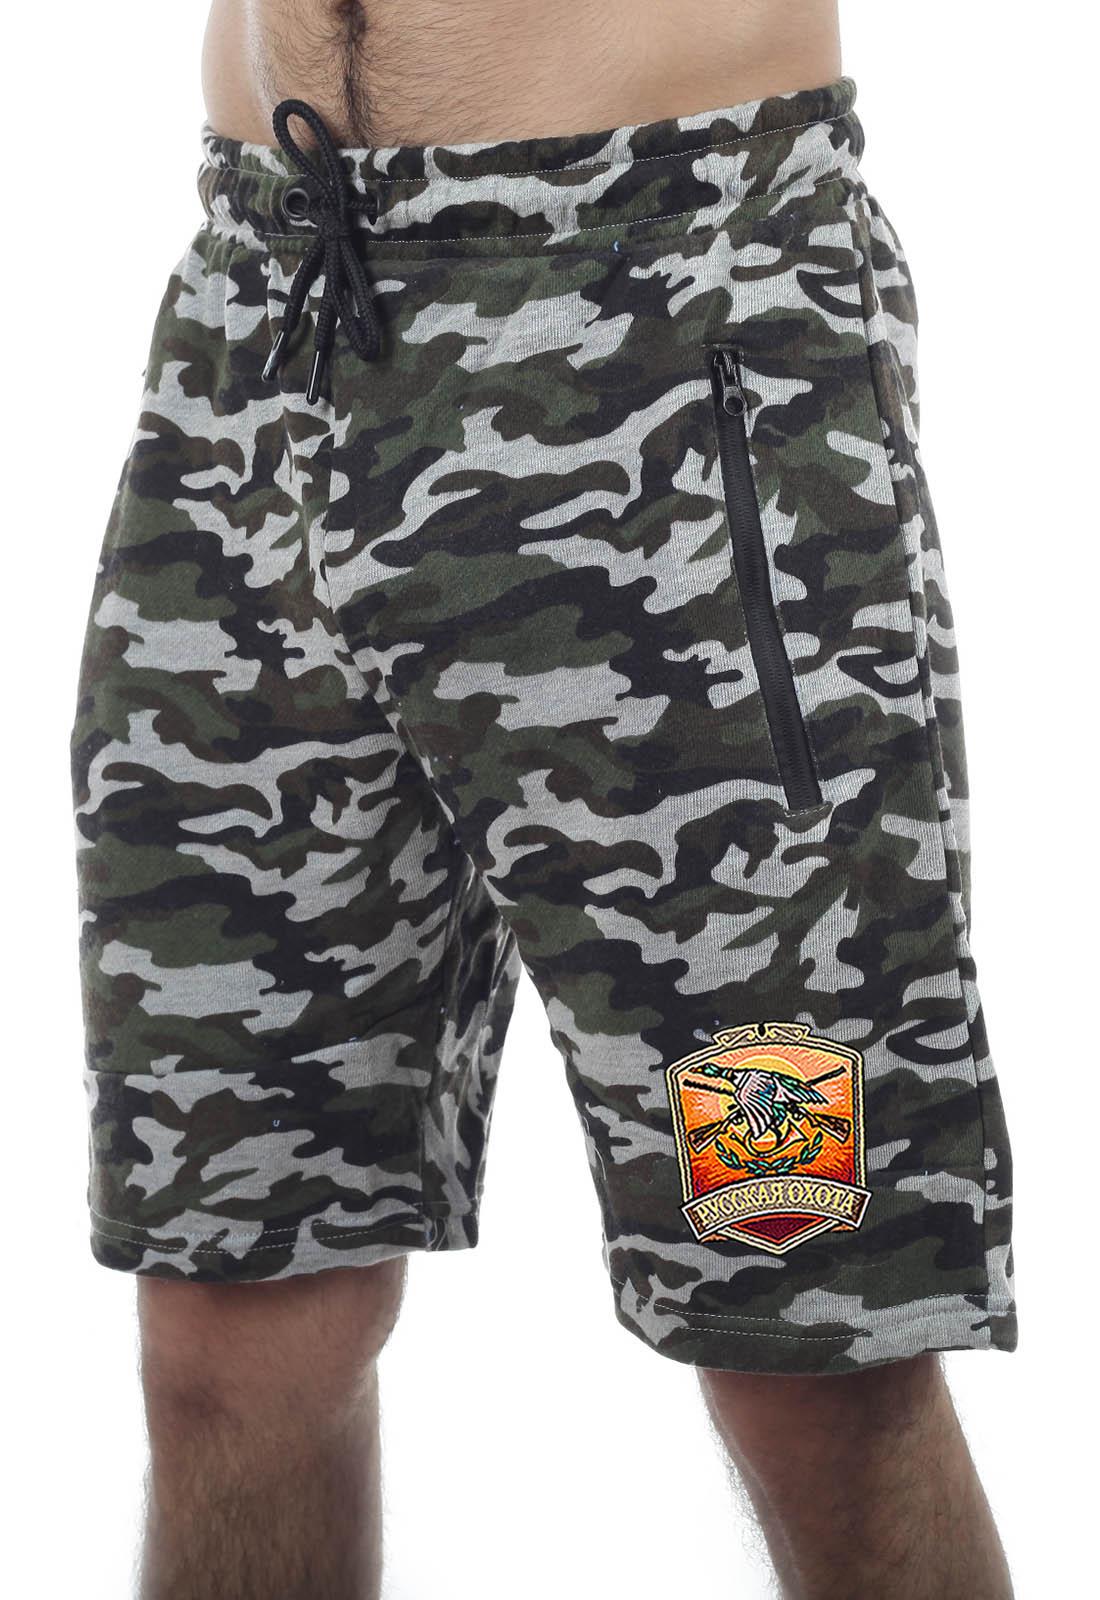 Купить мужские контрастные шорты с нашивкой Русская Охота с доставкой онлайн